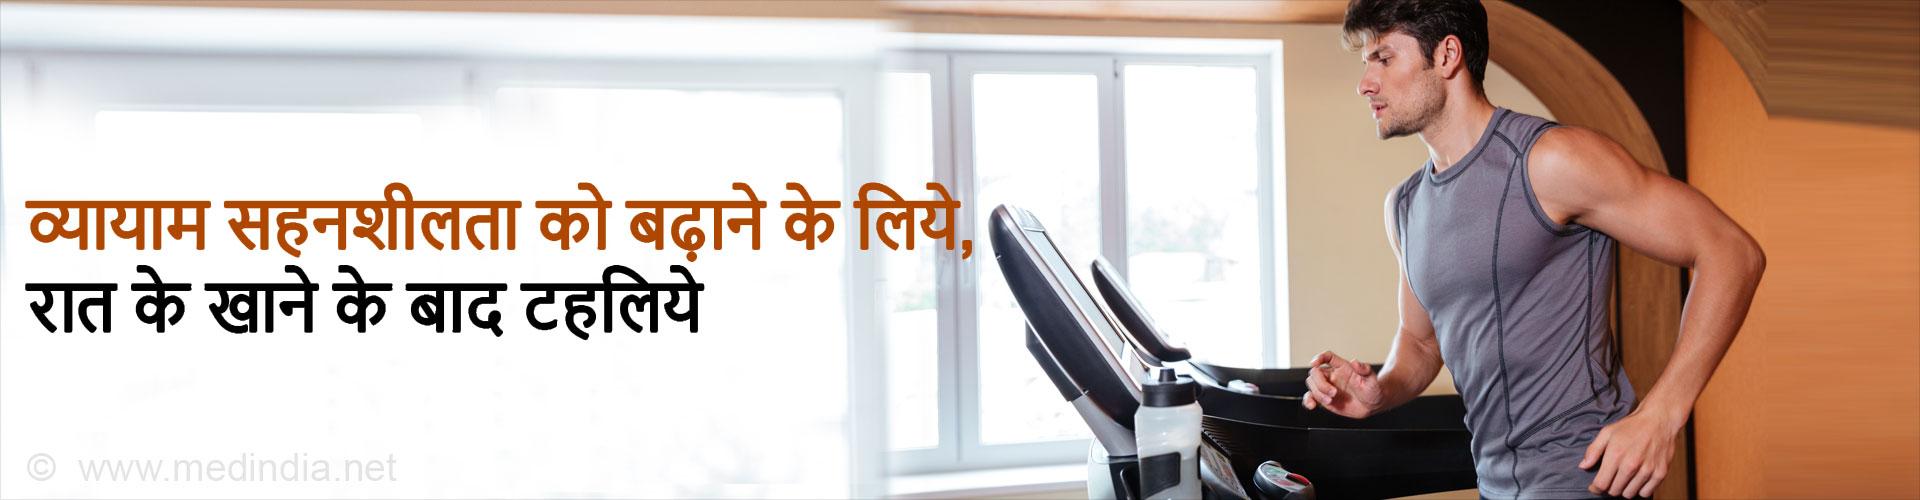 व्यायाम सहनशीलता को बढ़ाने के लिये, रात के खाने के बाद टहलिये